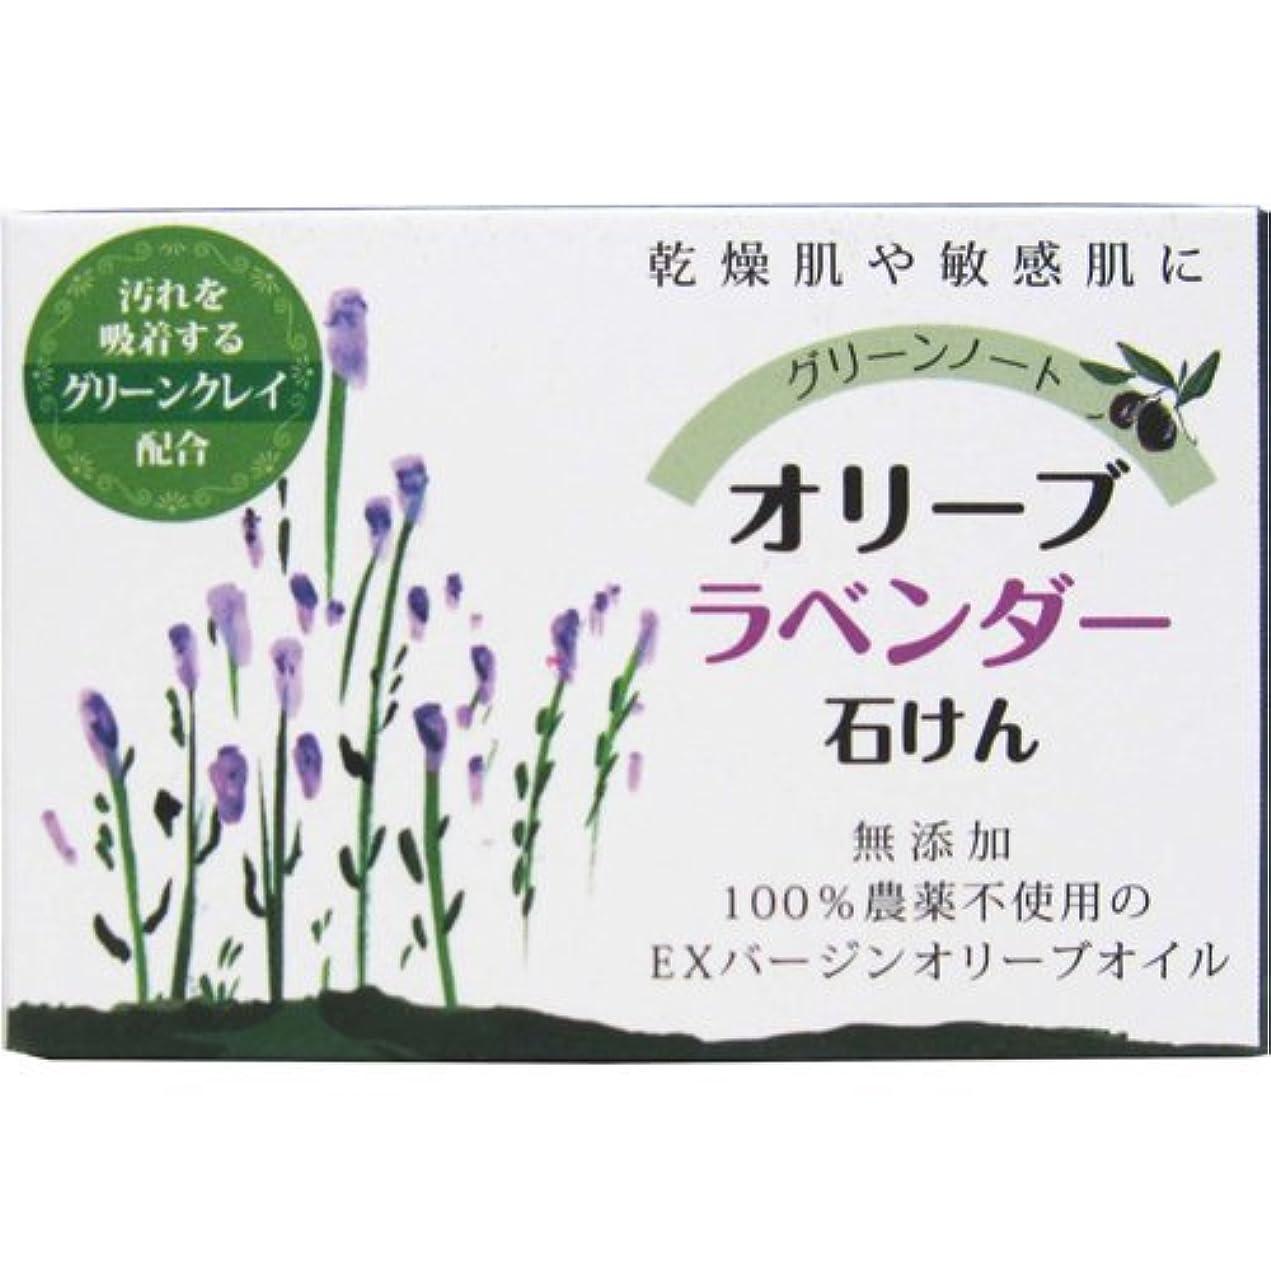 森ゼロマークされた乾燥肌 敏感肌 お得な 2個セット グリーンノート オリーブ ラベンダー 石けん 無添加 農薬不使用 EX バージン オリーブオイル